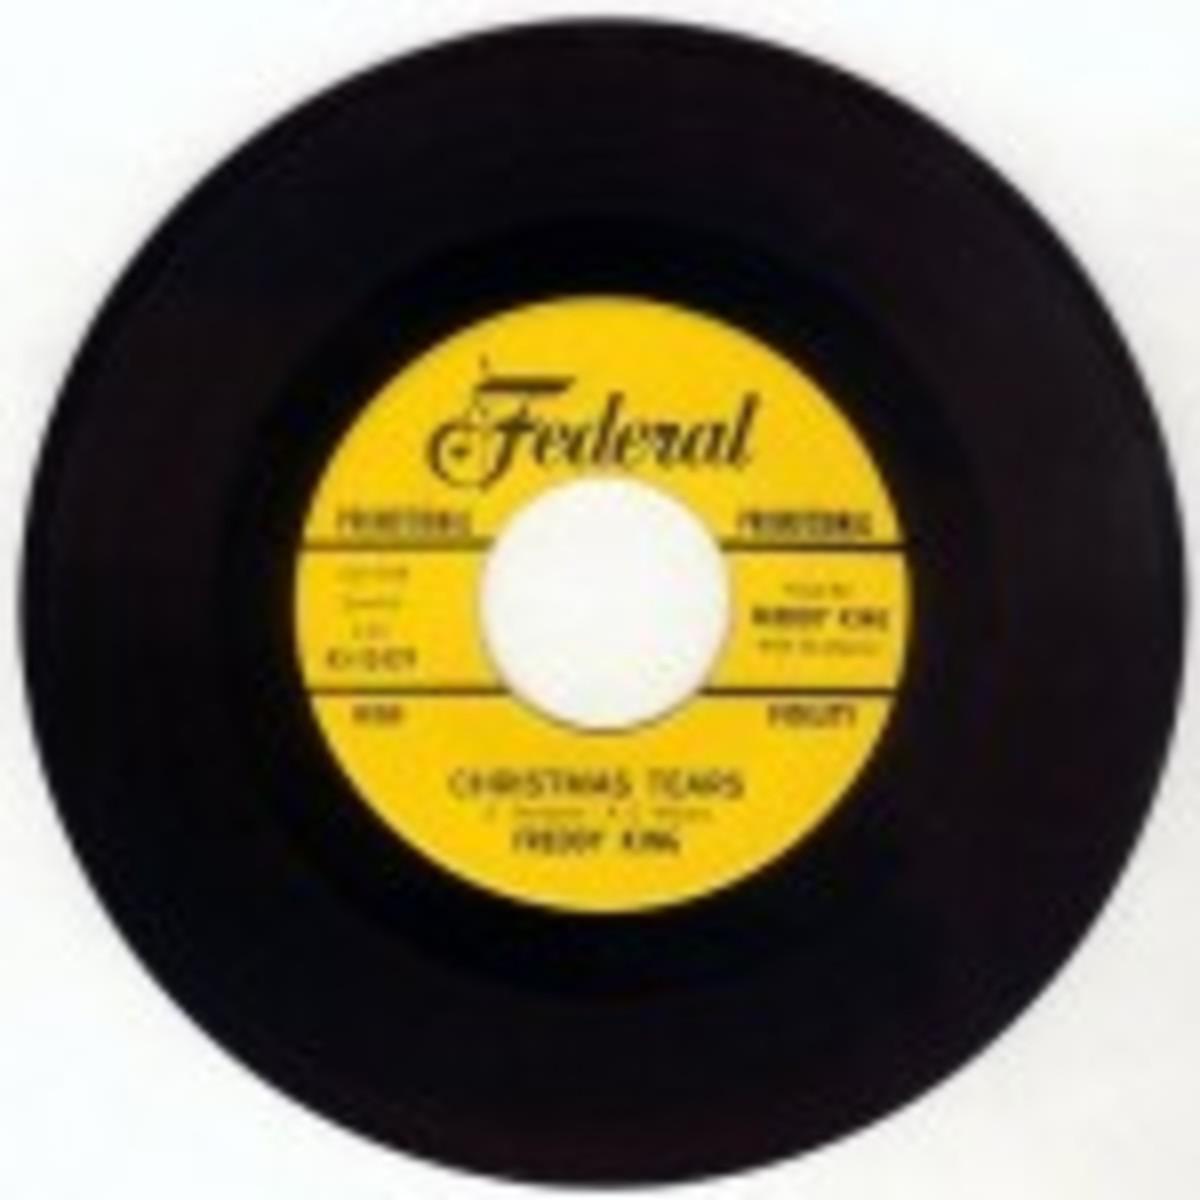 Christmas Tears by Freddie King